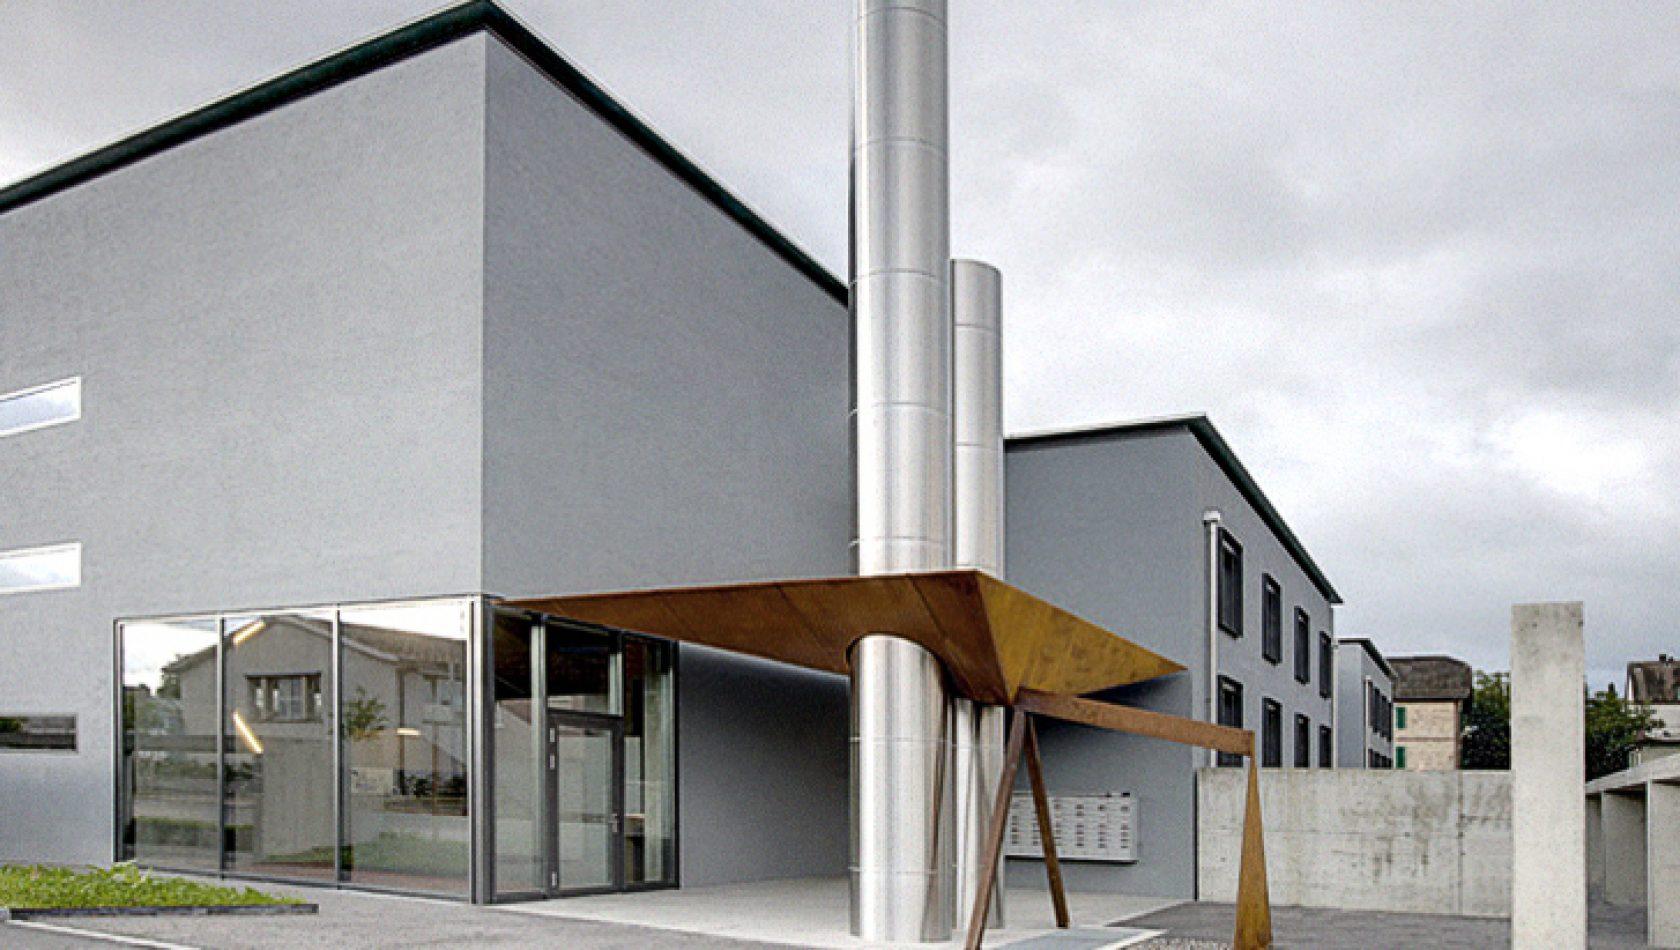 Stundentenwohnen Winterthur - by MANTEL Architects